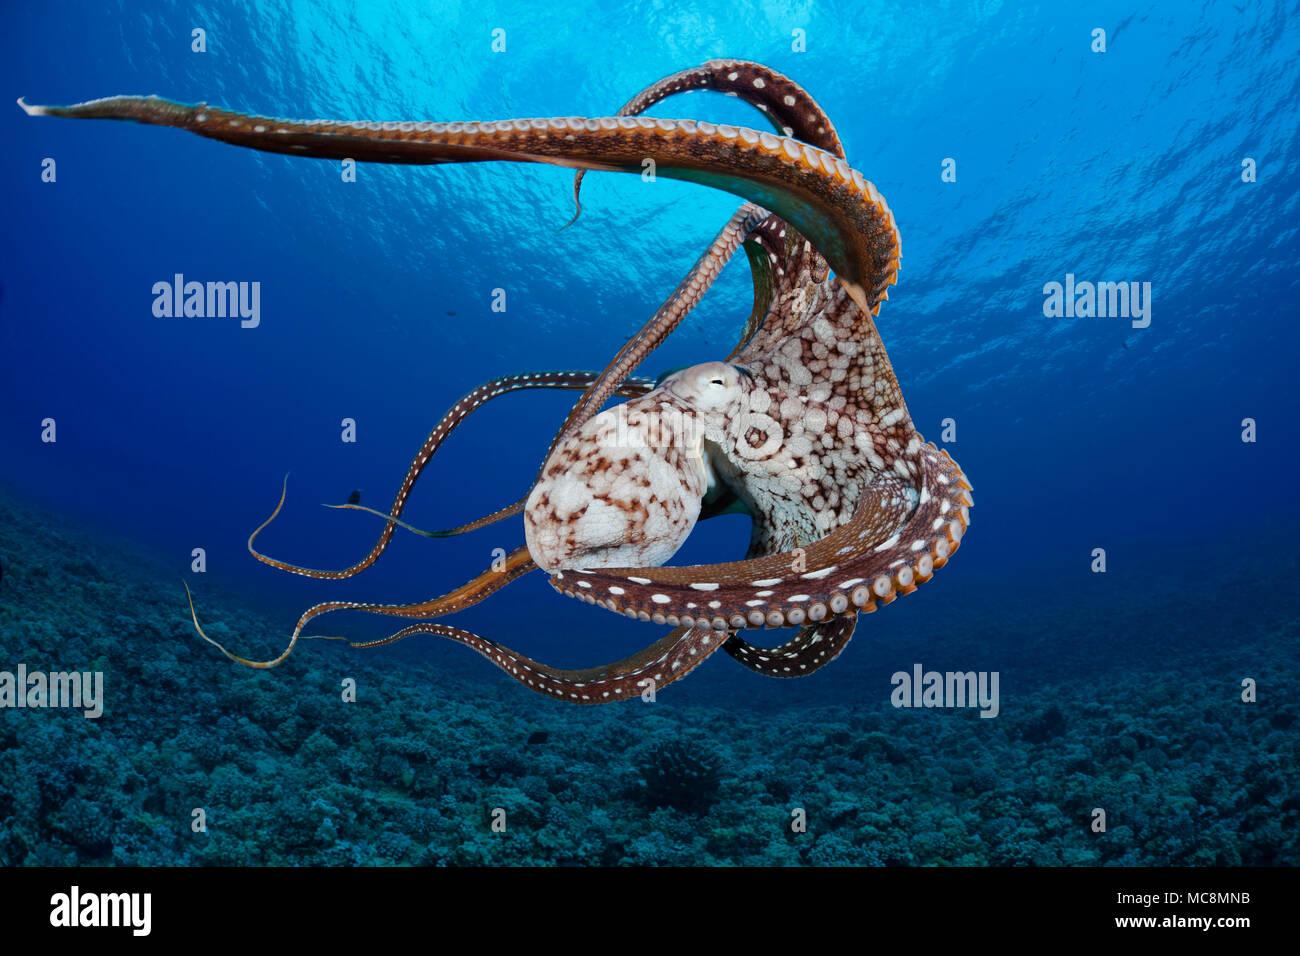 Diese Ansicht zeigt einige der Sauger auf dieser acht bewaffnete Kopffüßler. Tag Octopus, Octopus cyanea, Hawaii. Stockbild